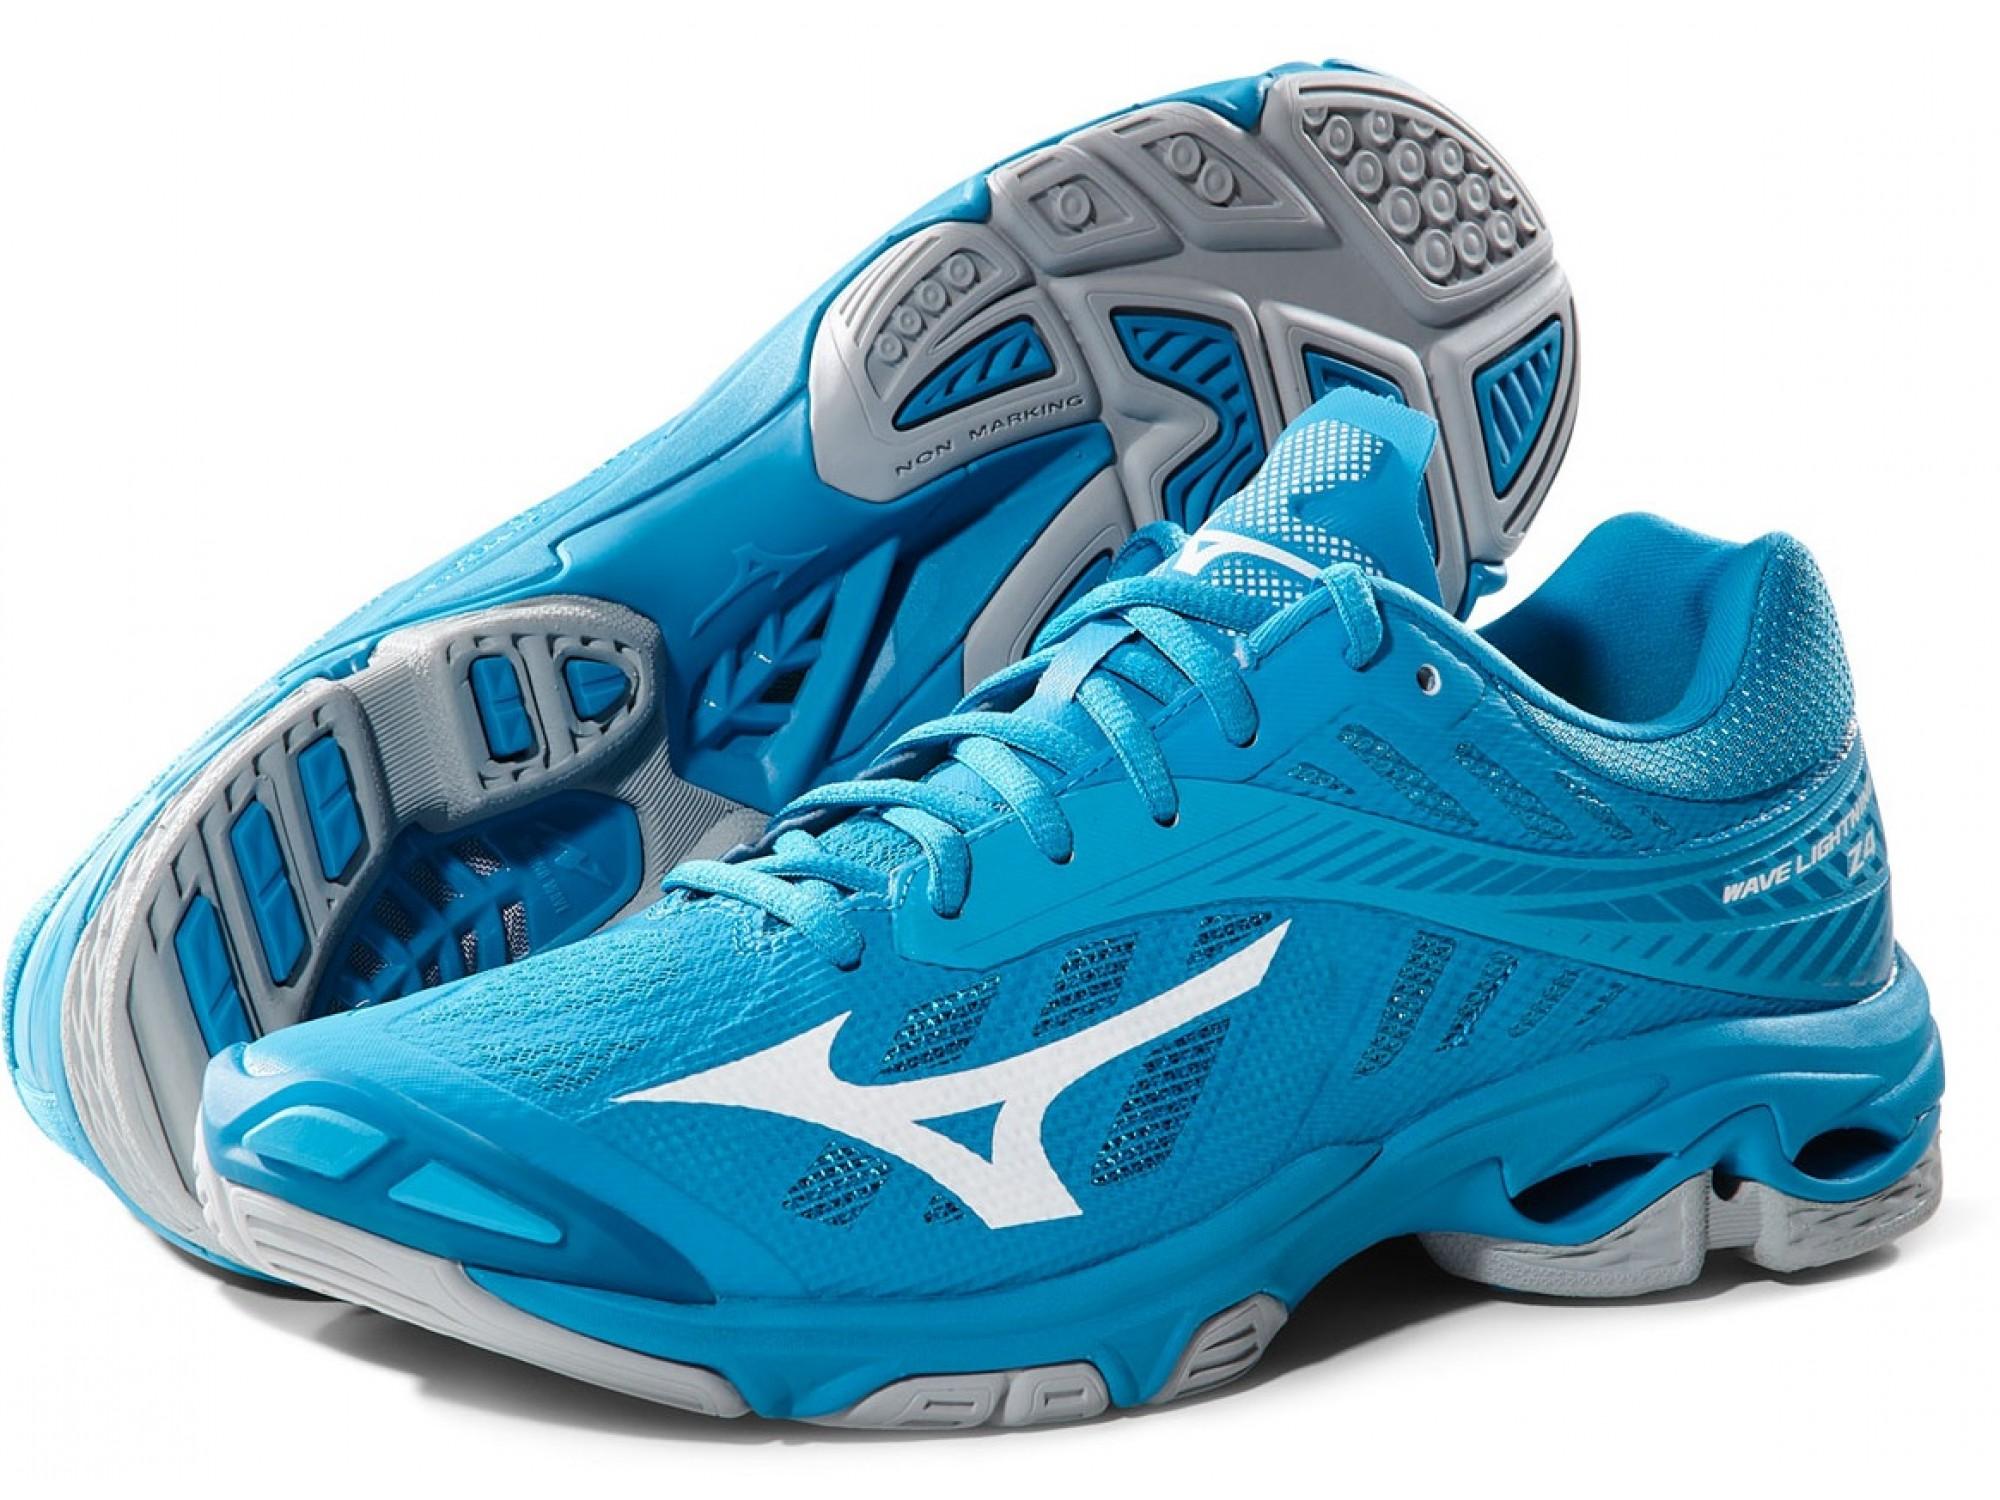 Mizuno Wave Lightning Z4 Волейбольные кроссовки V1GA1800-98 купить в ... 2bbb0ce9e41